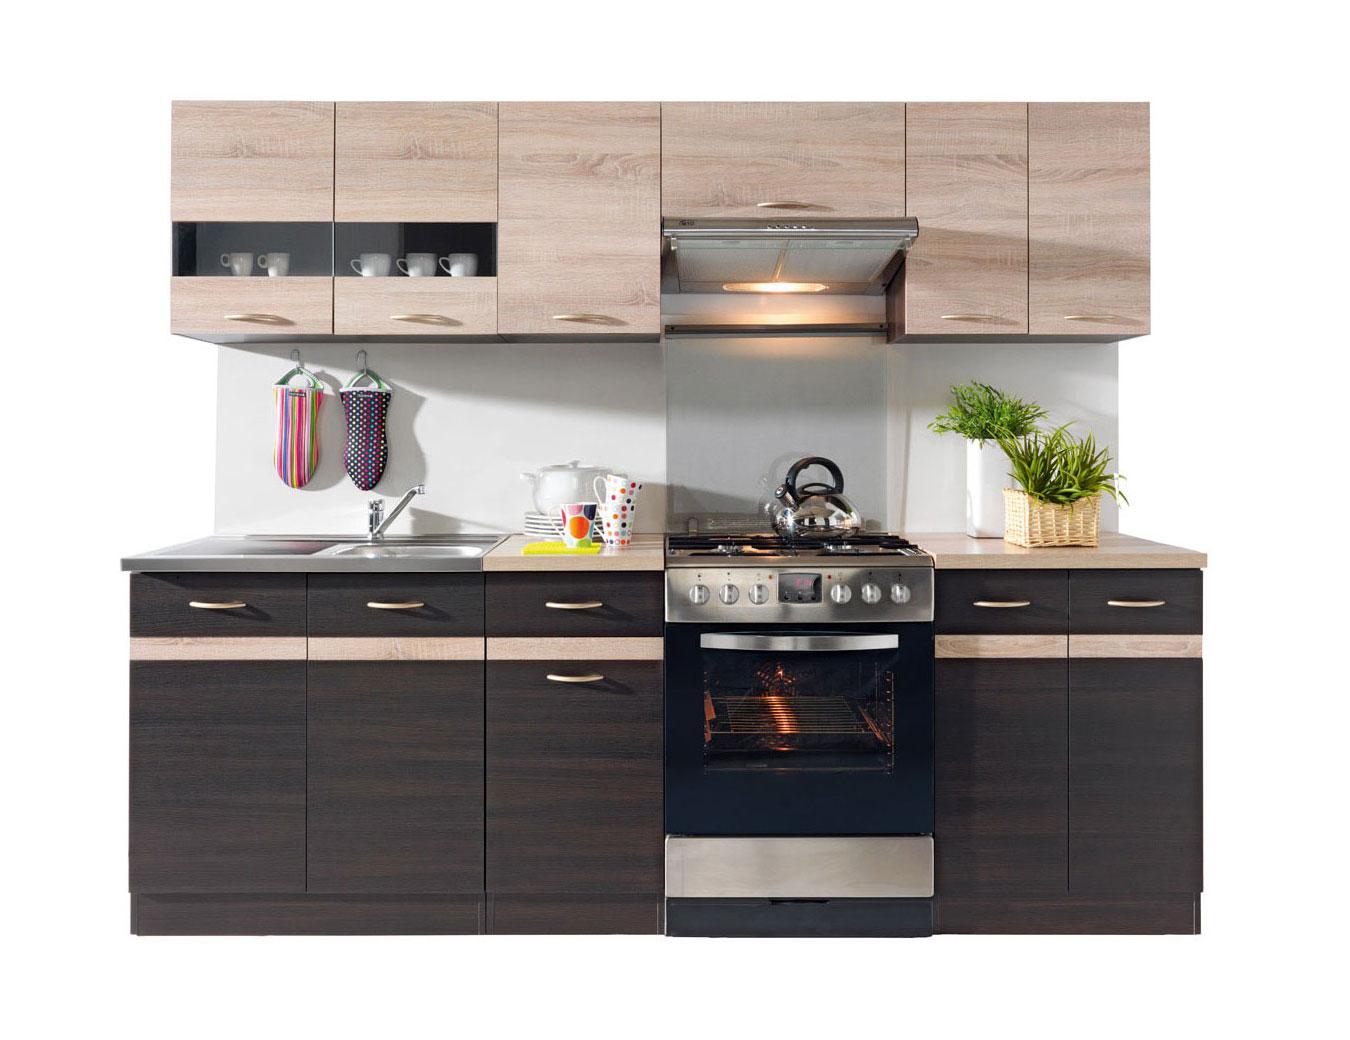 fiwodo k chenzeile k che einbauk che 2 4m wenge sonoma eiche ab lager neu ebay. Black Bedroom Furniture Sets. Home Design Ideas